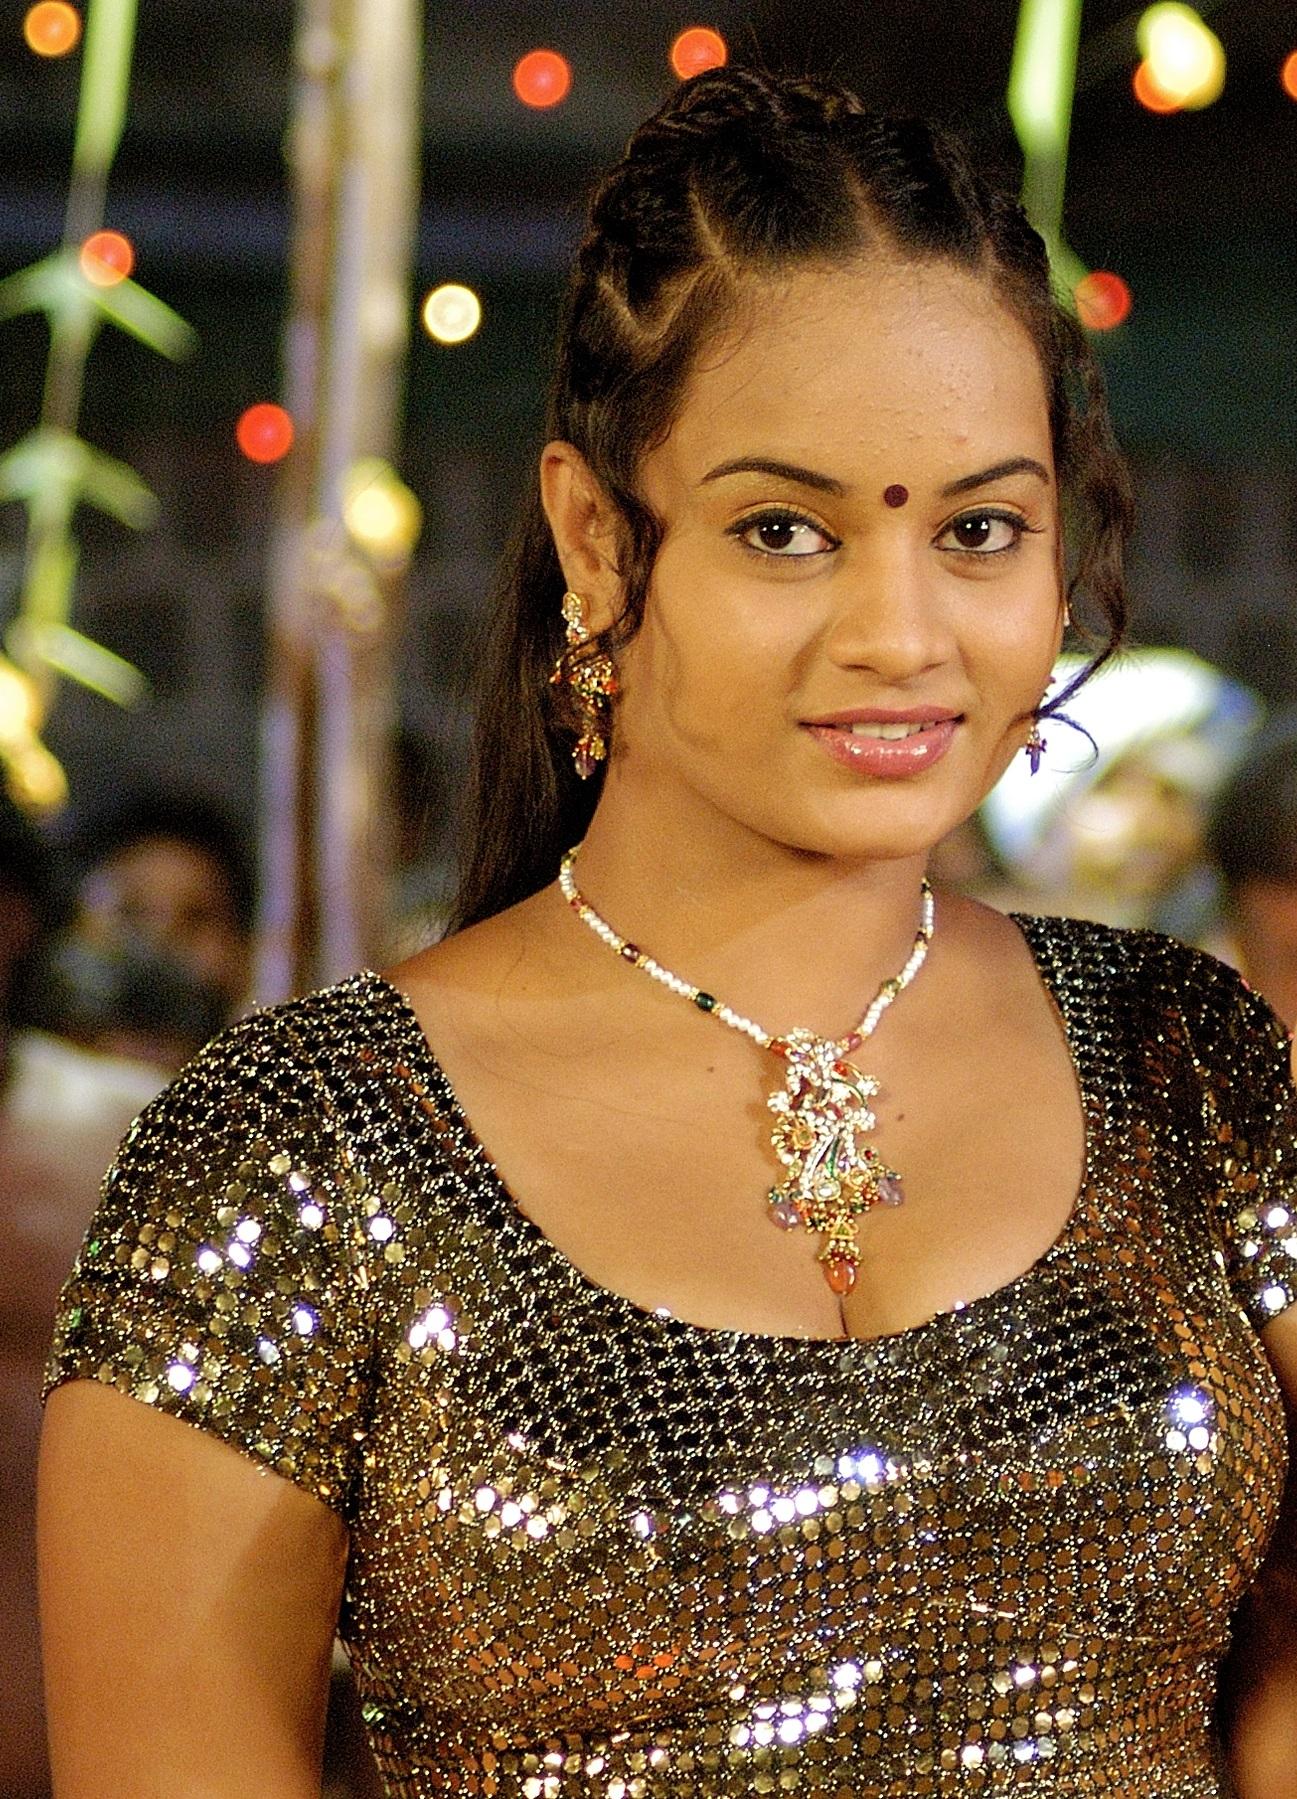 நடிகை சுஜா